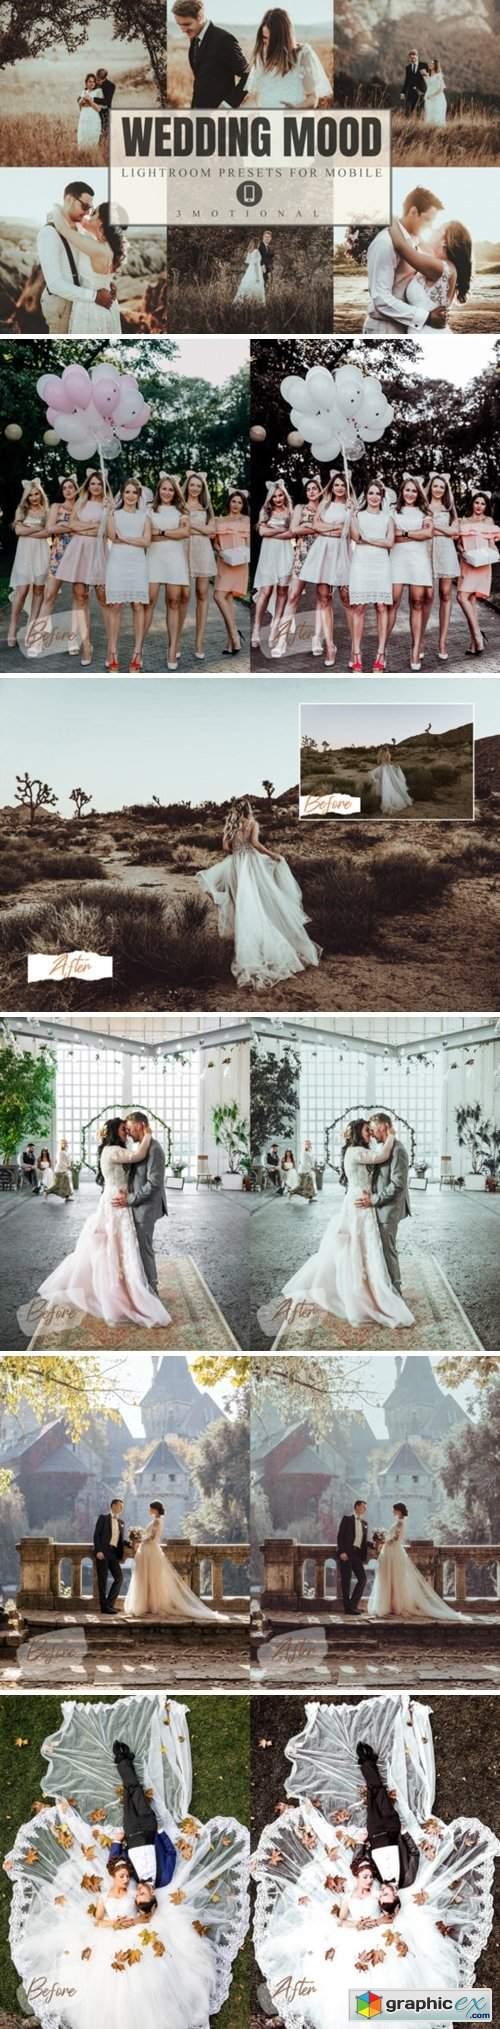 8 Wedding Mood Mobile Lightroom Presets